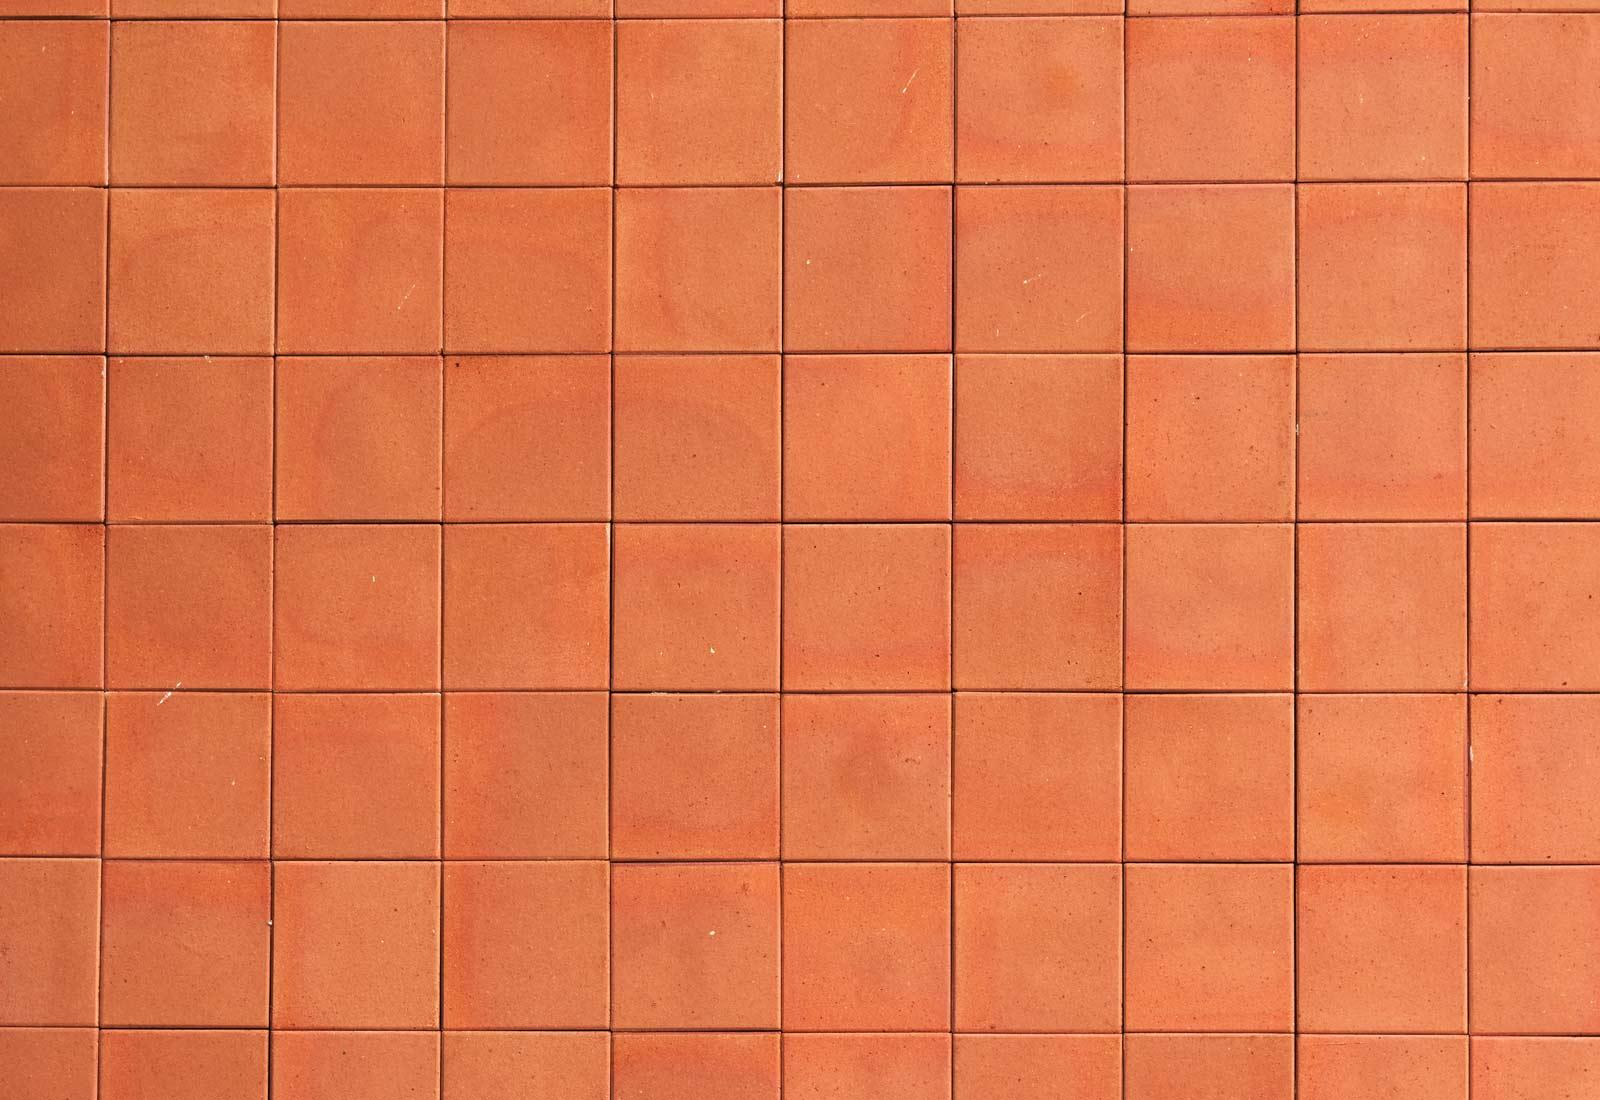 Peinture Couleur Terre Cuite pourquoi choisir de la terre cuite emaillée ?